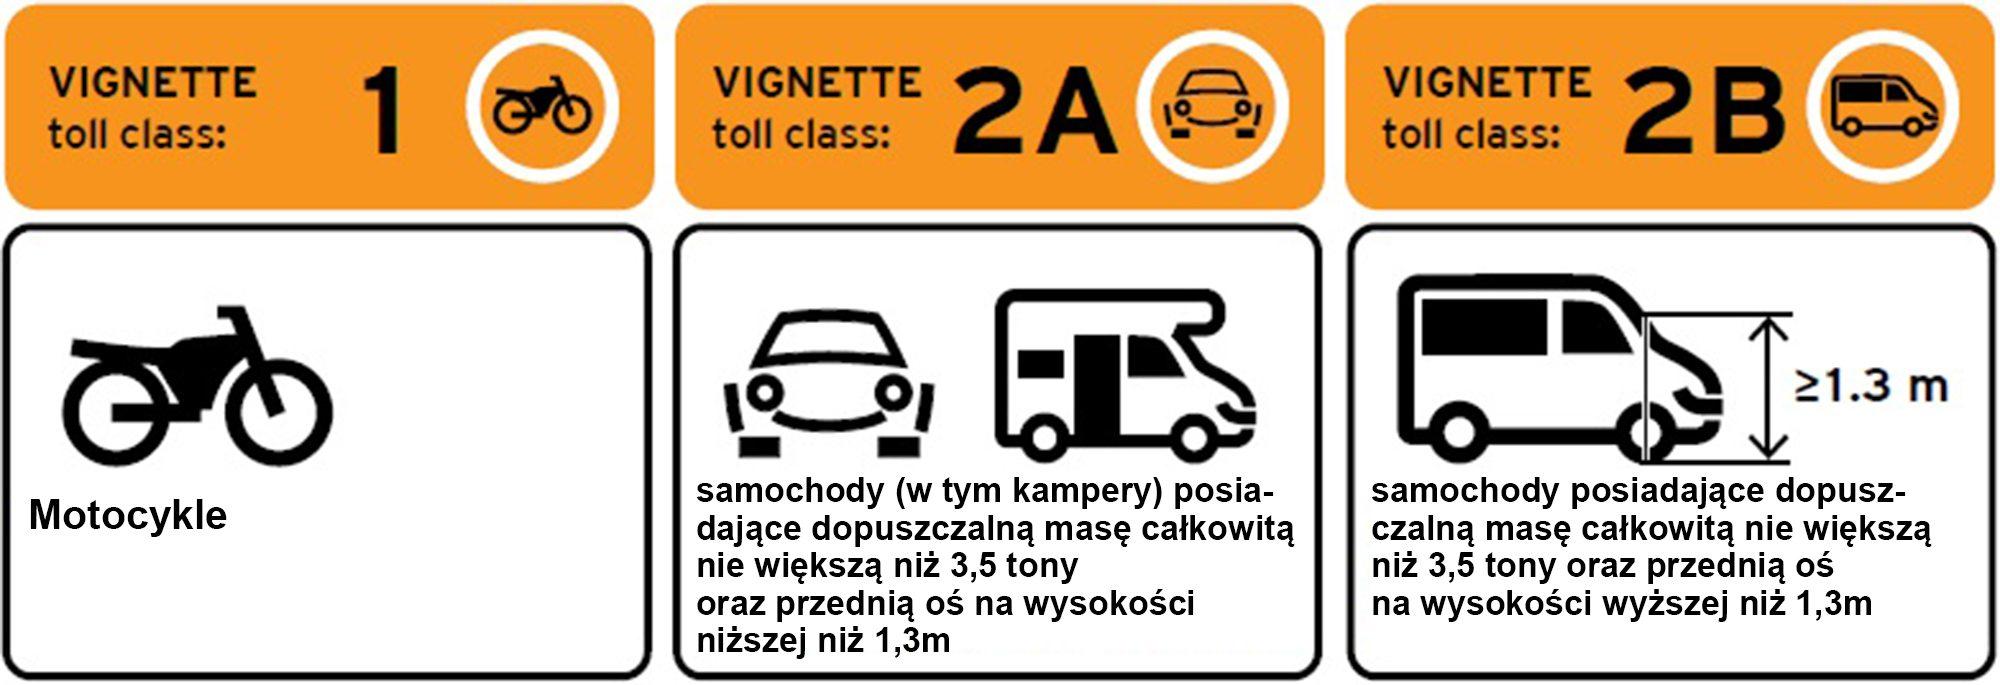 kategorie samochodów w Słowenii